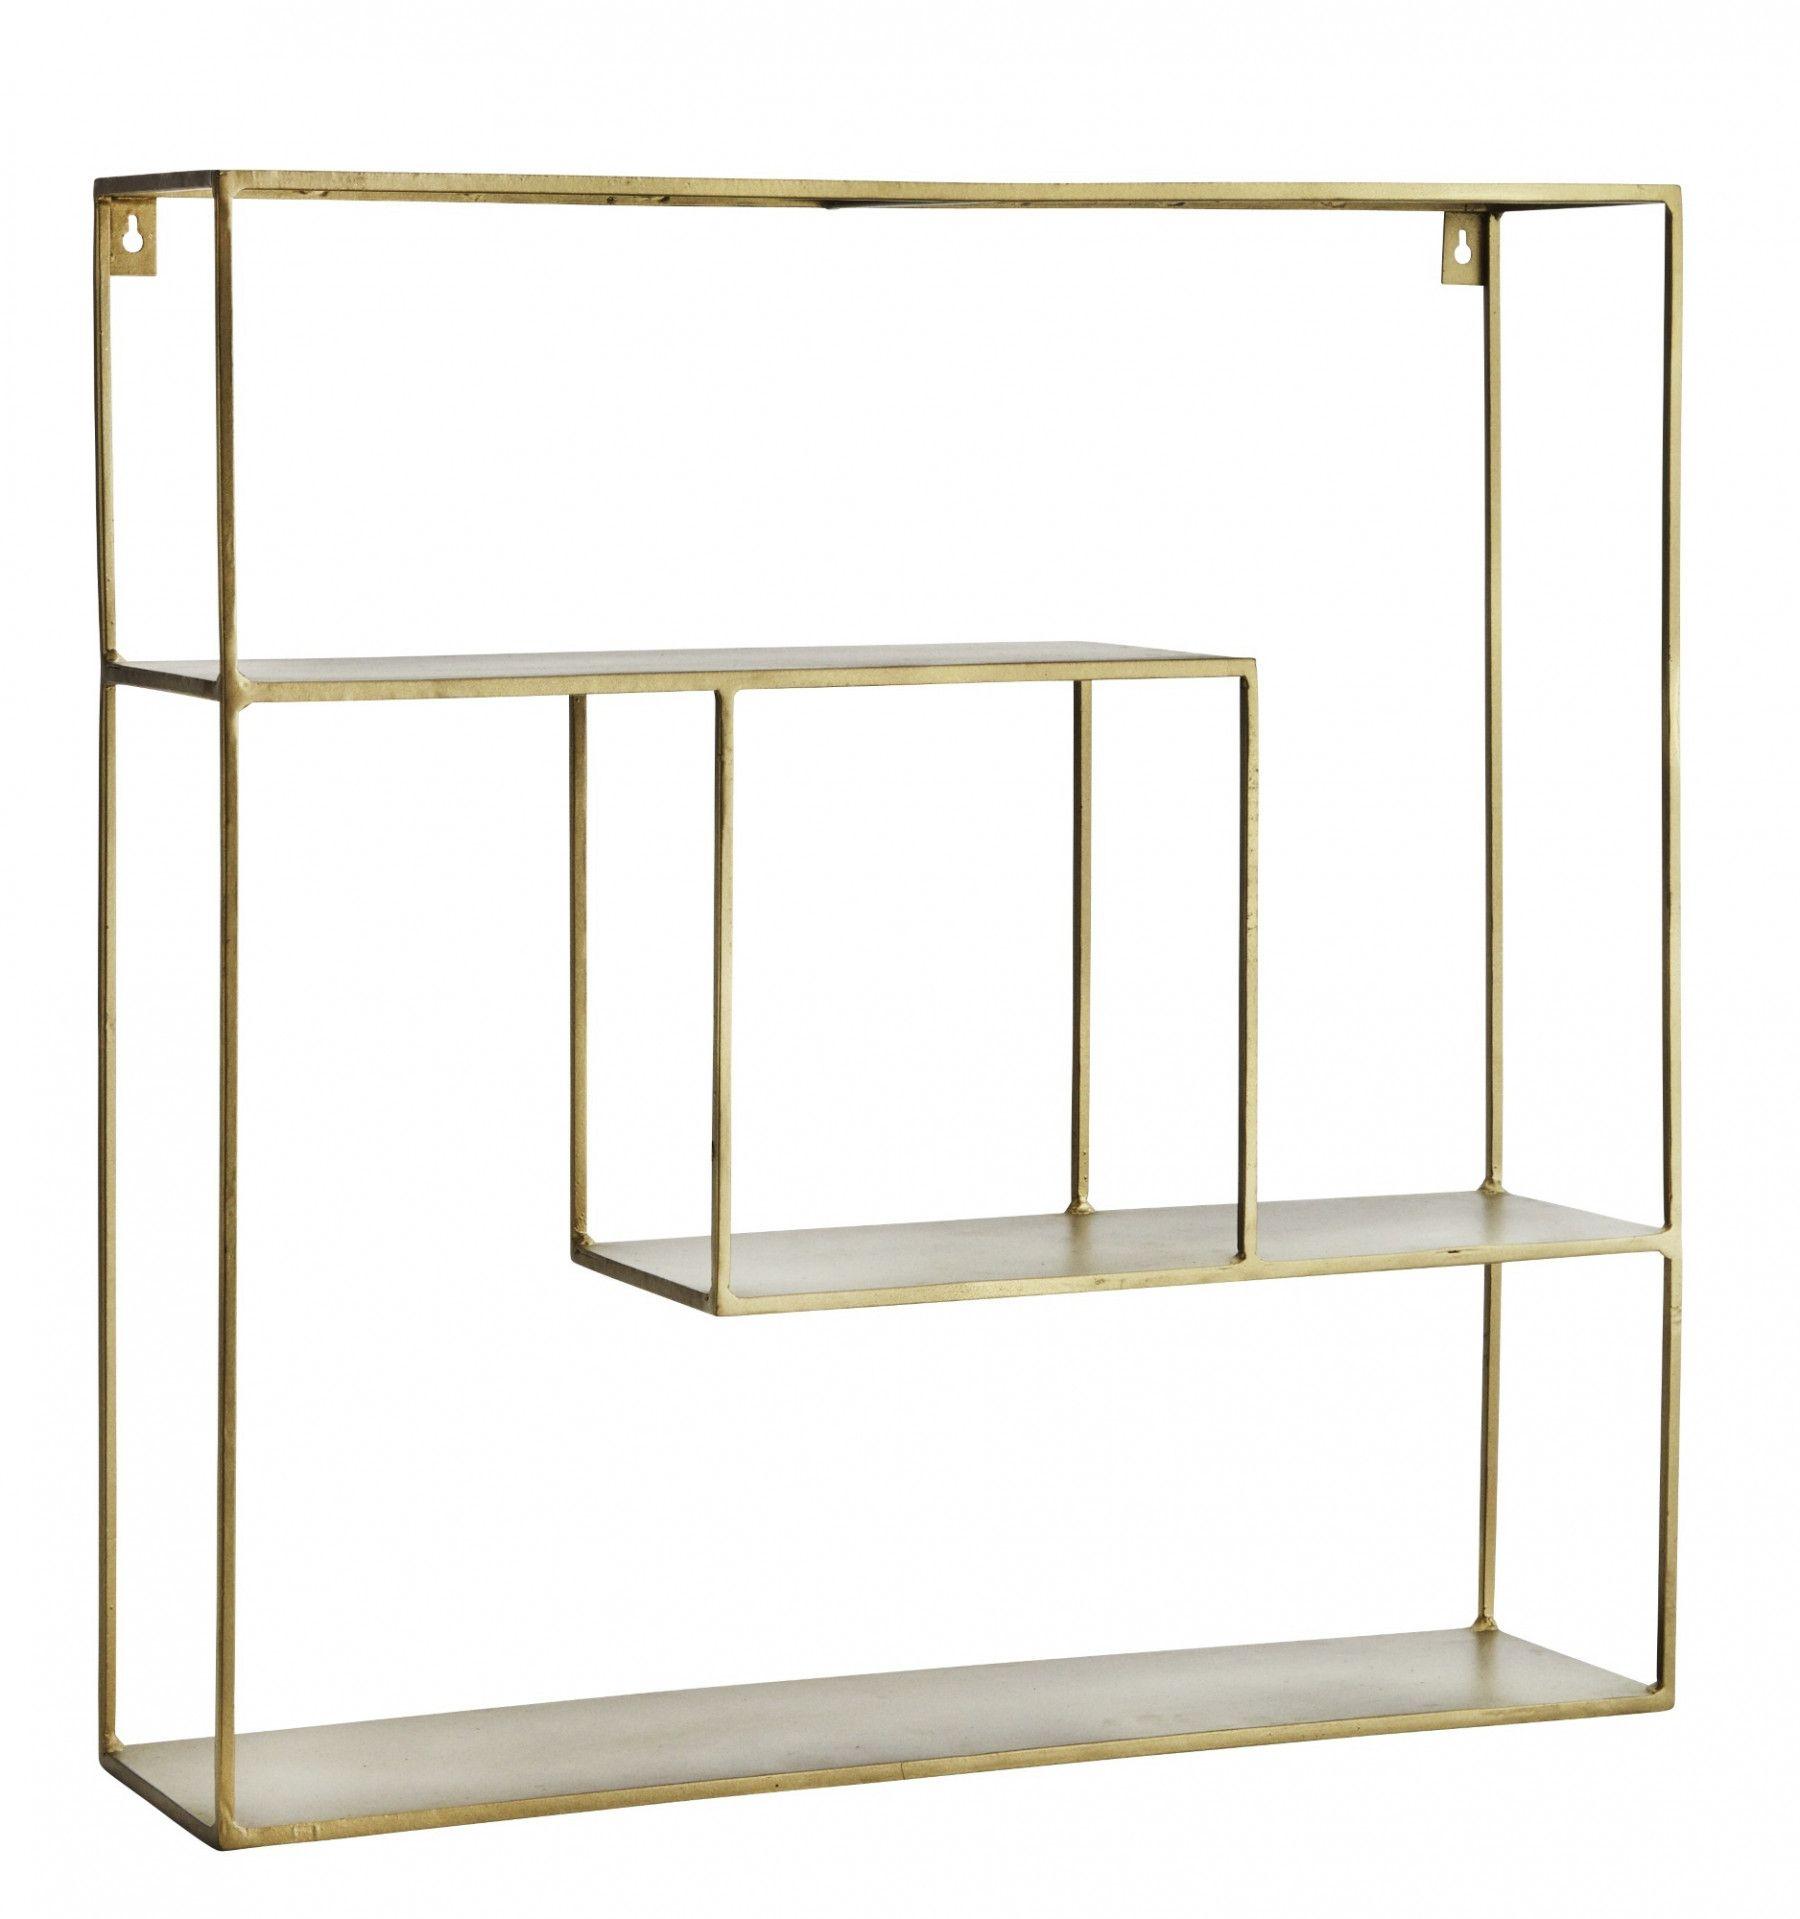 Quadratic Shelf Quadrat Regal Madam Stoltz Wandregal Wandregal